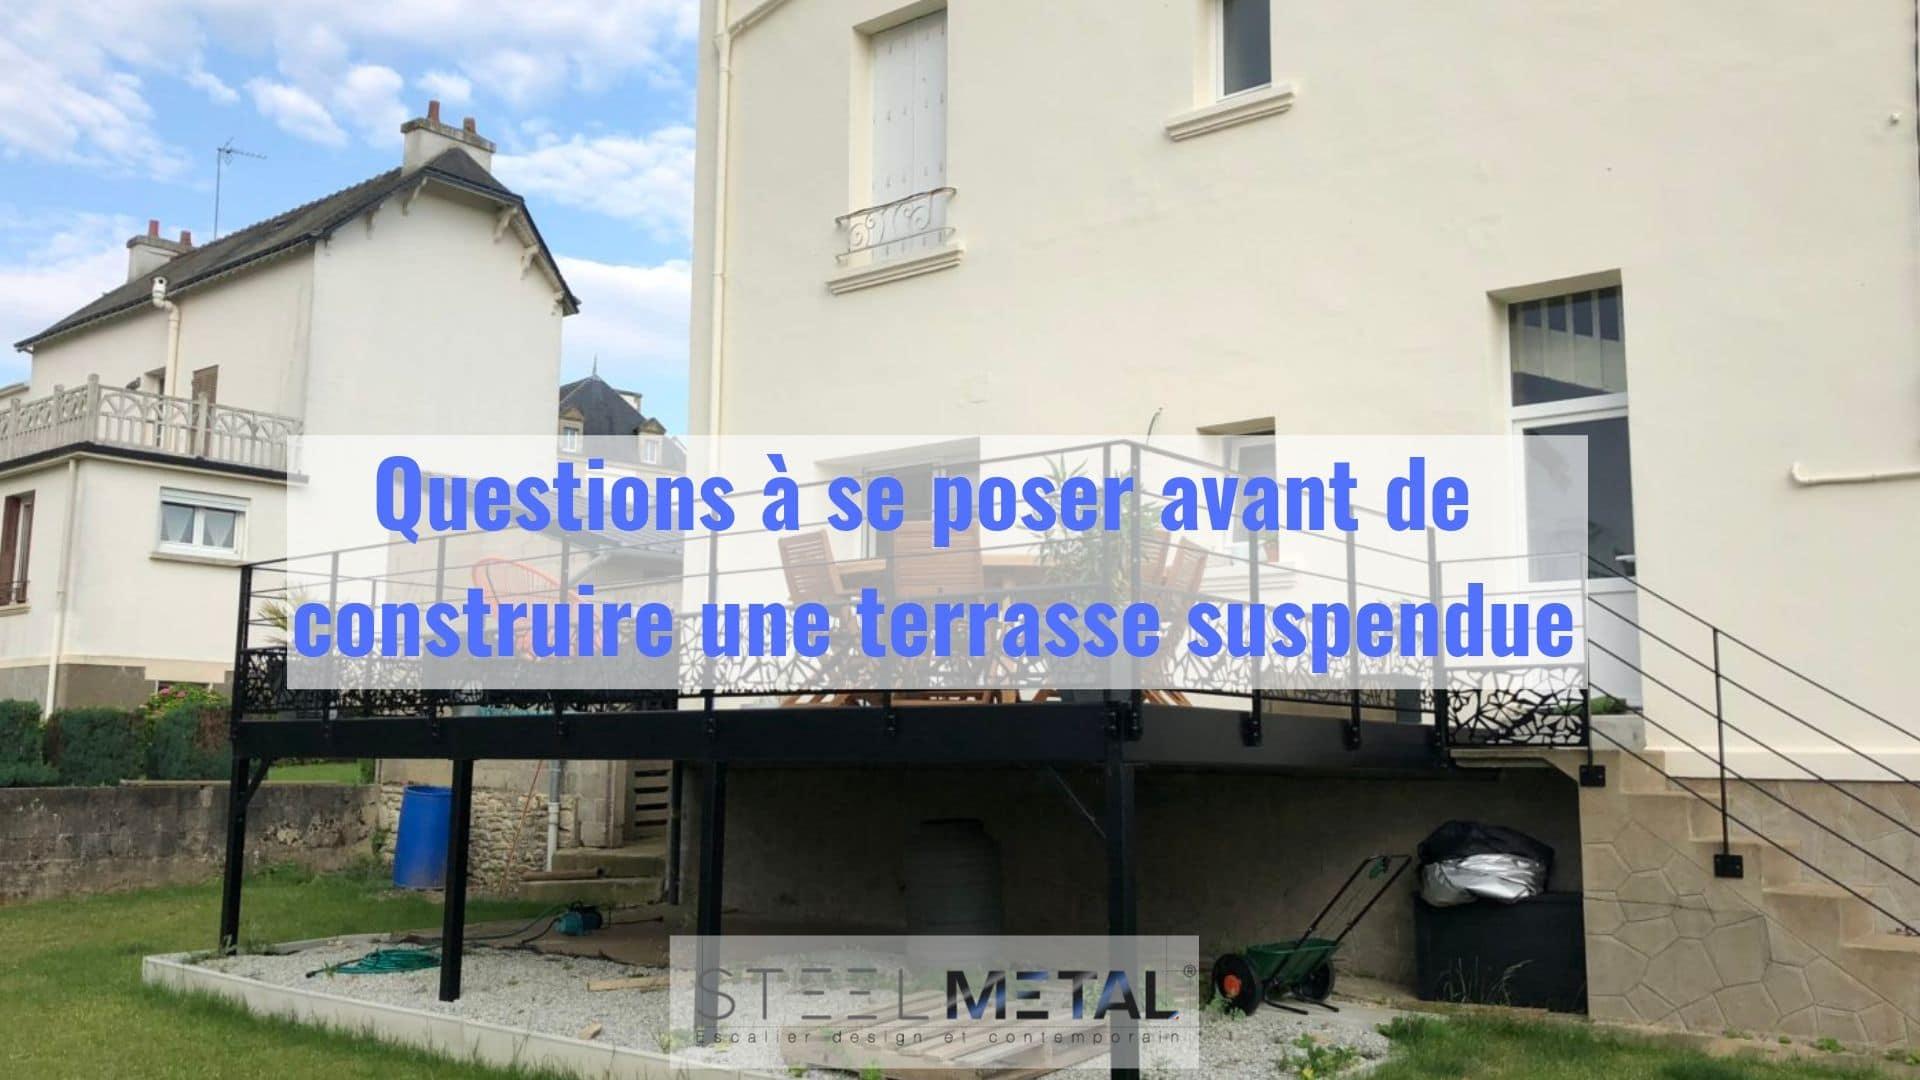 Les Questions A Se Poser Avant De Construire Une Terrasse Suspendue Steelmetal